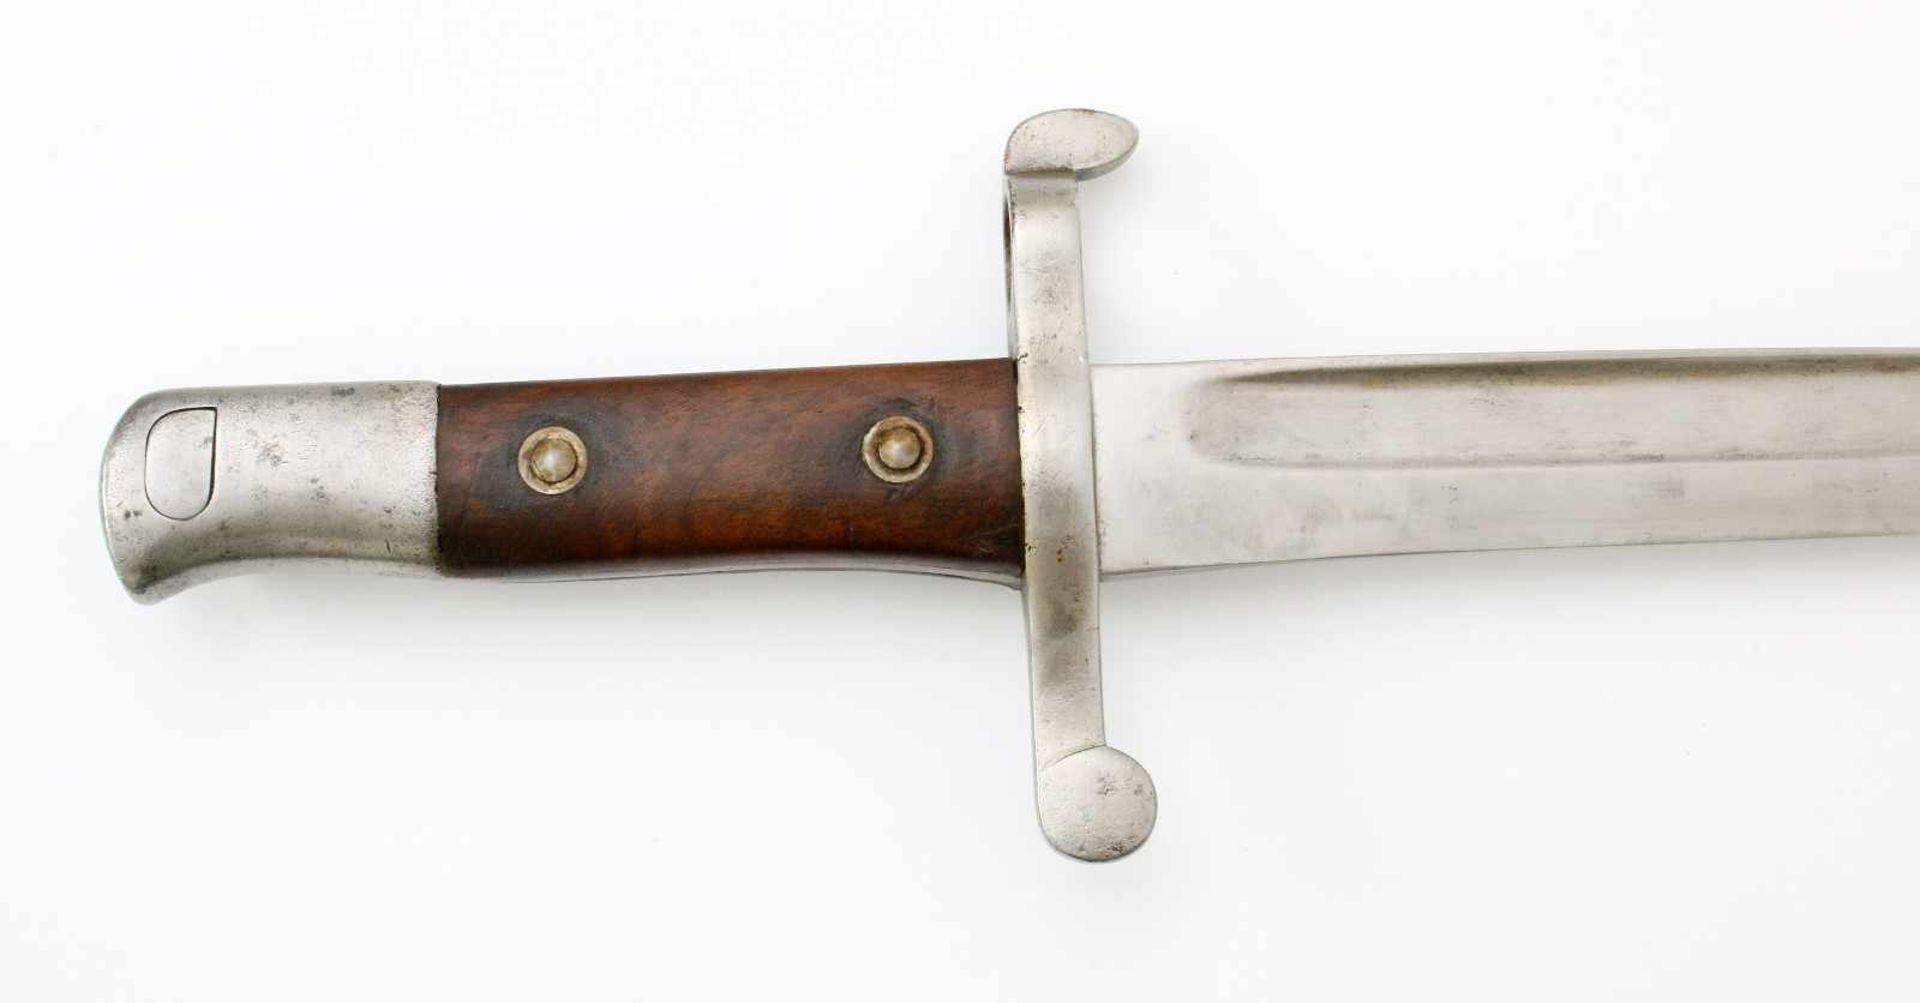 """Portugal - Bajonett Kropatschek M1885Blanke, gekehlte Yataganklinge, Herstellerstempel """"OEWG"""" ( - Bild 3 aus 4"""